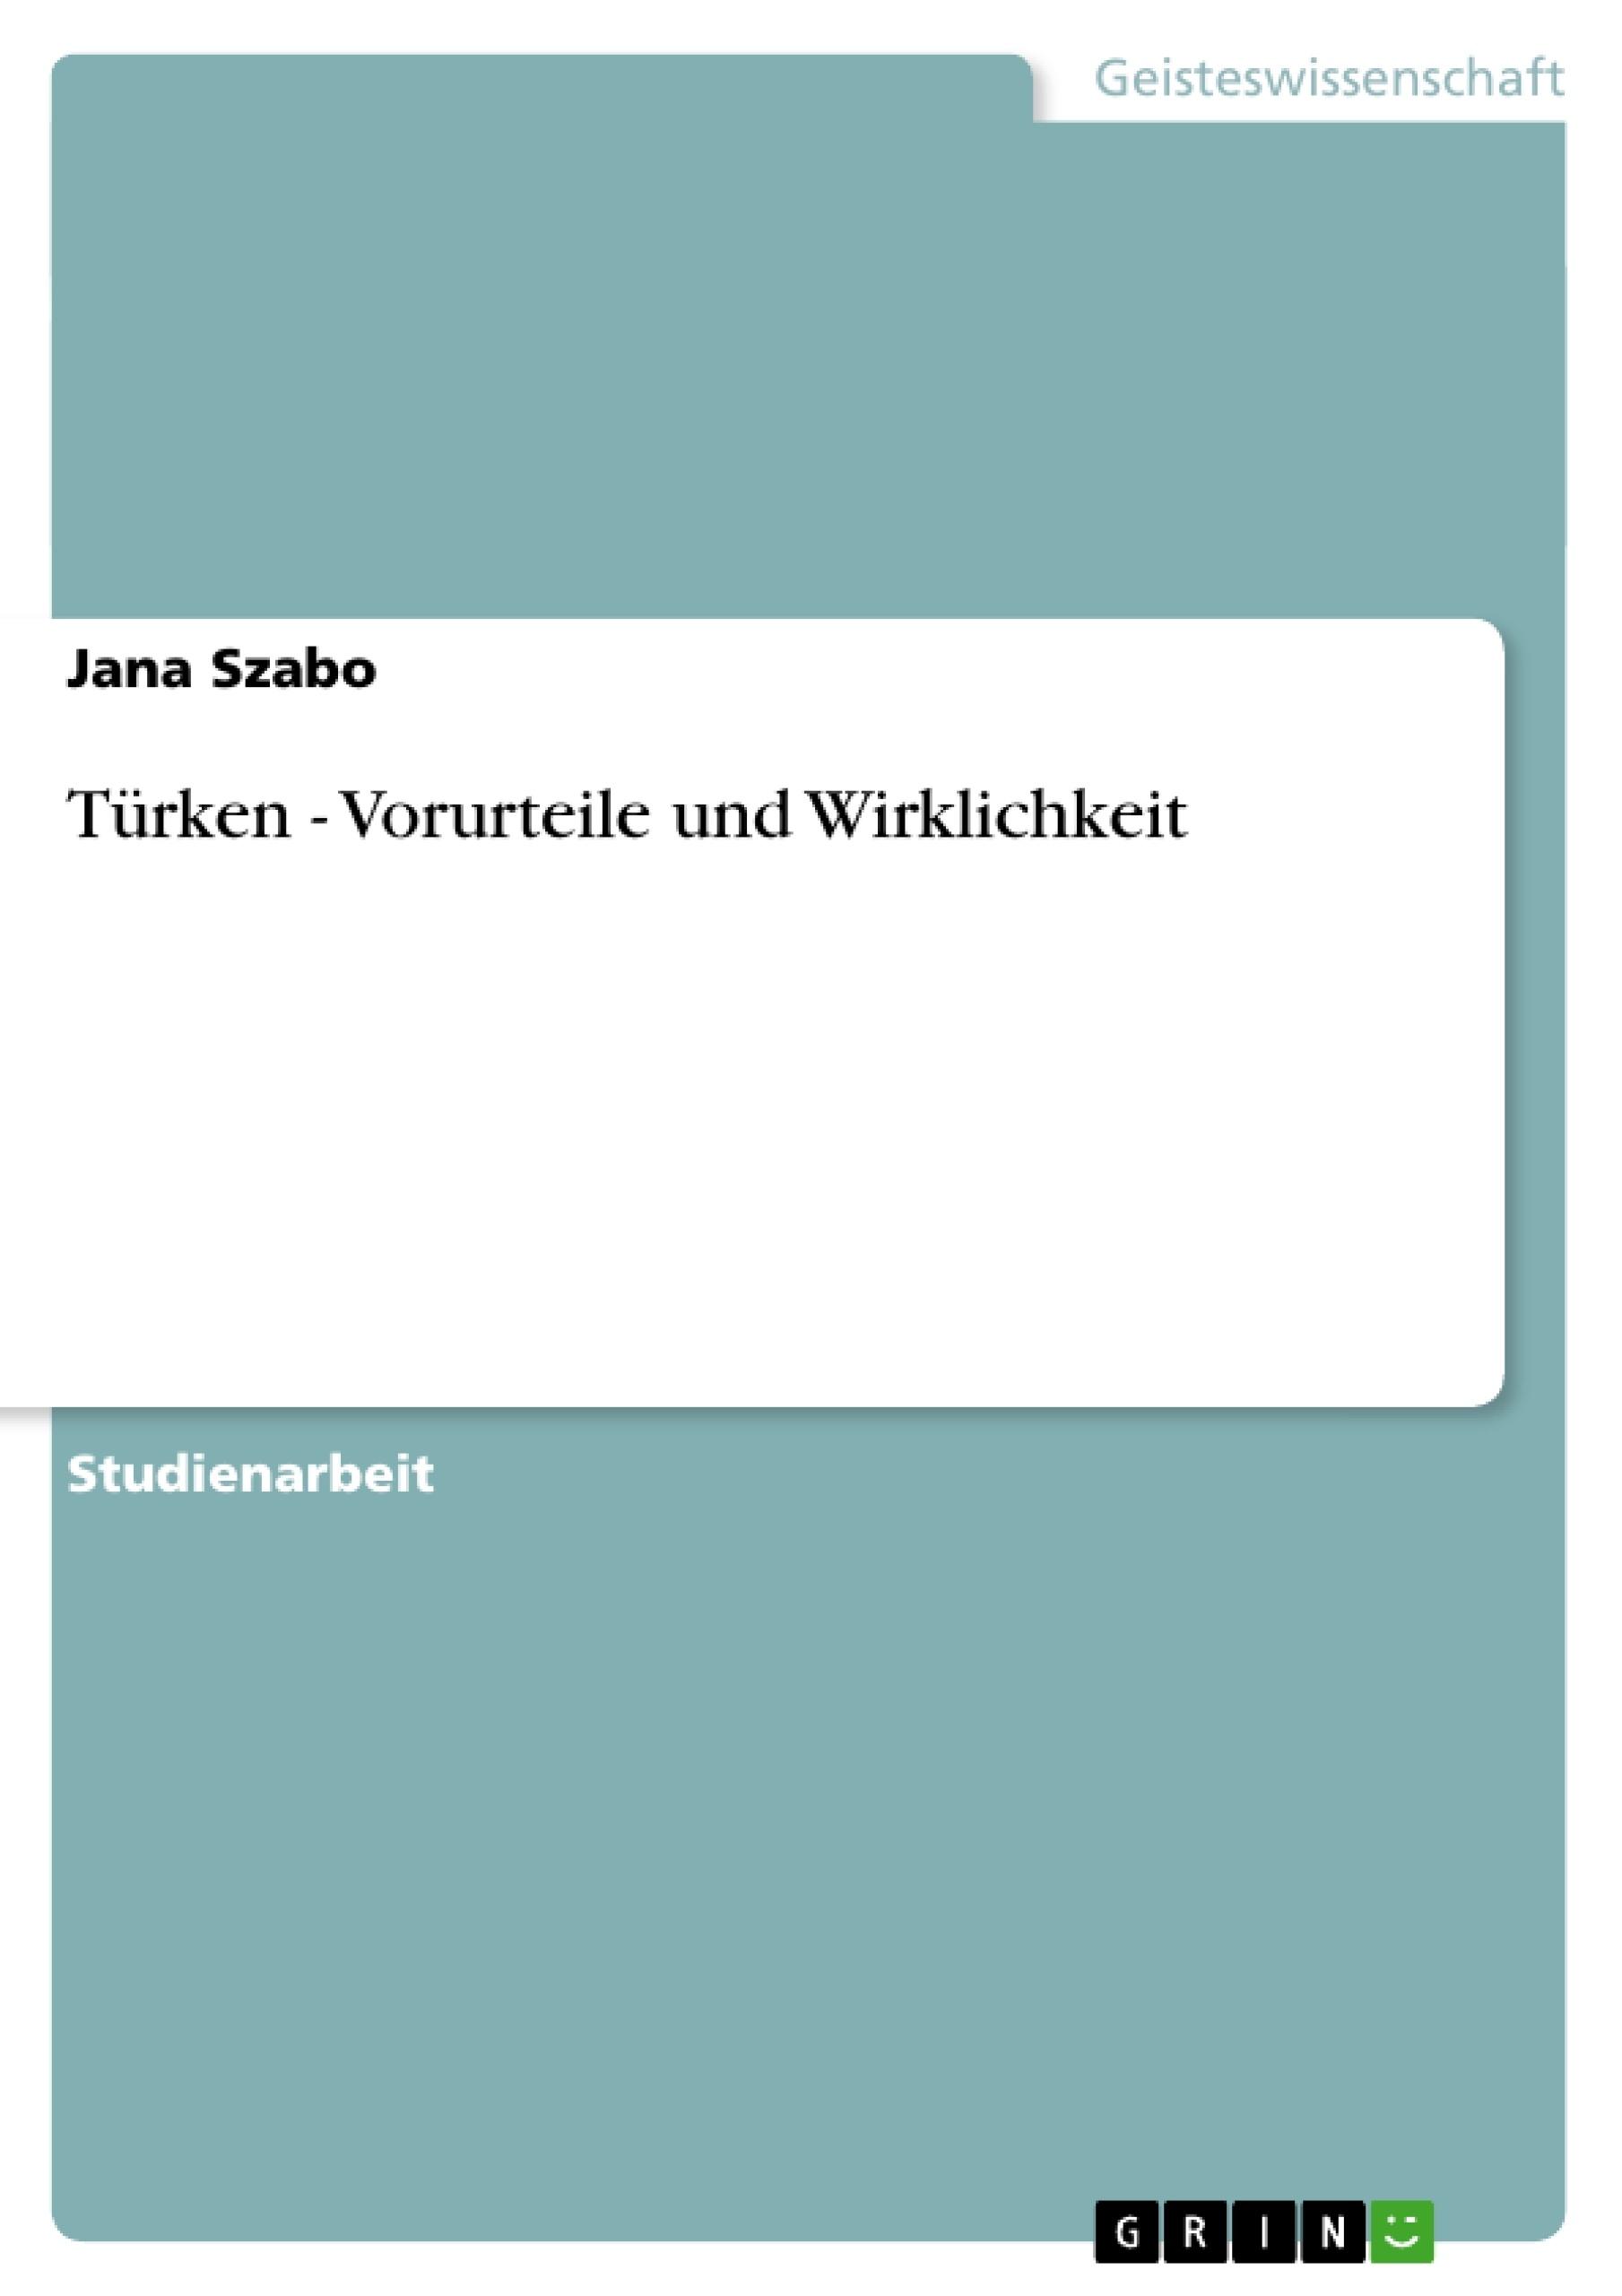 Titel: Türken - Vorurteile und Wirklichkeit